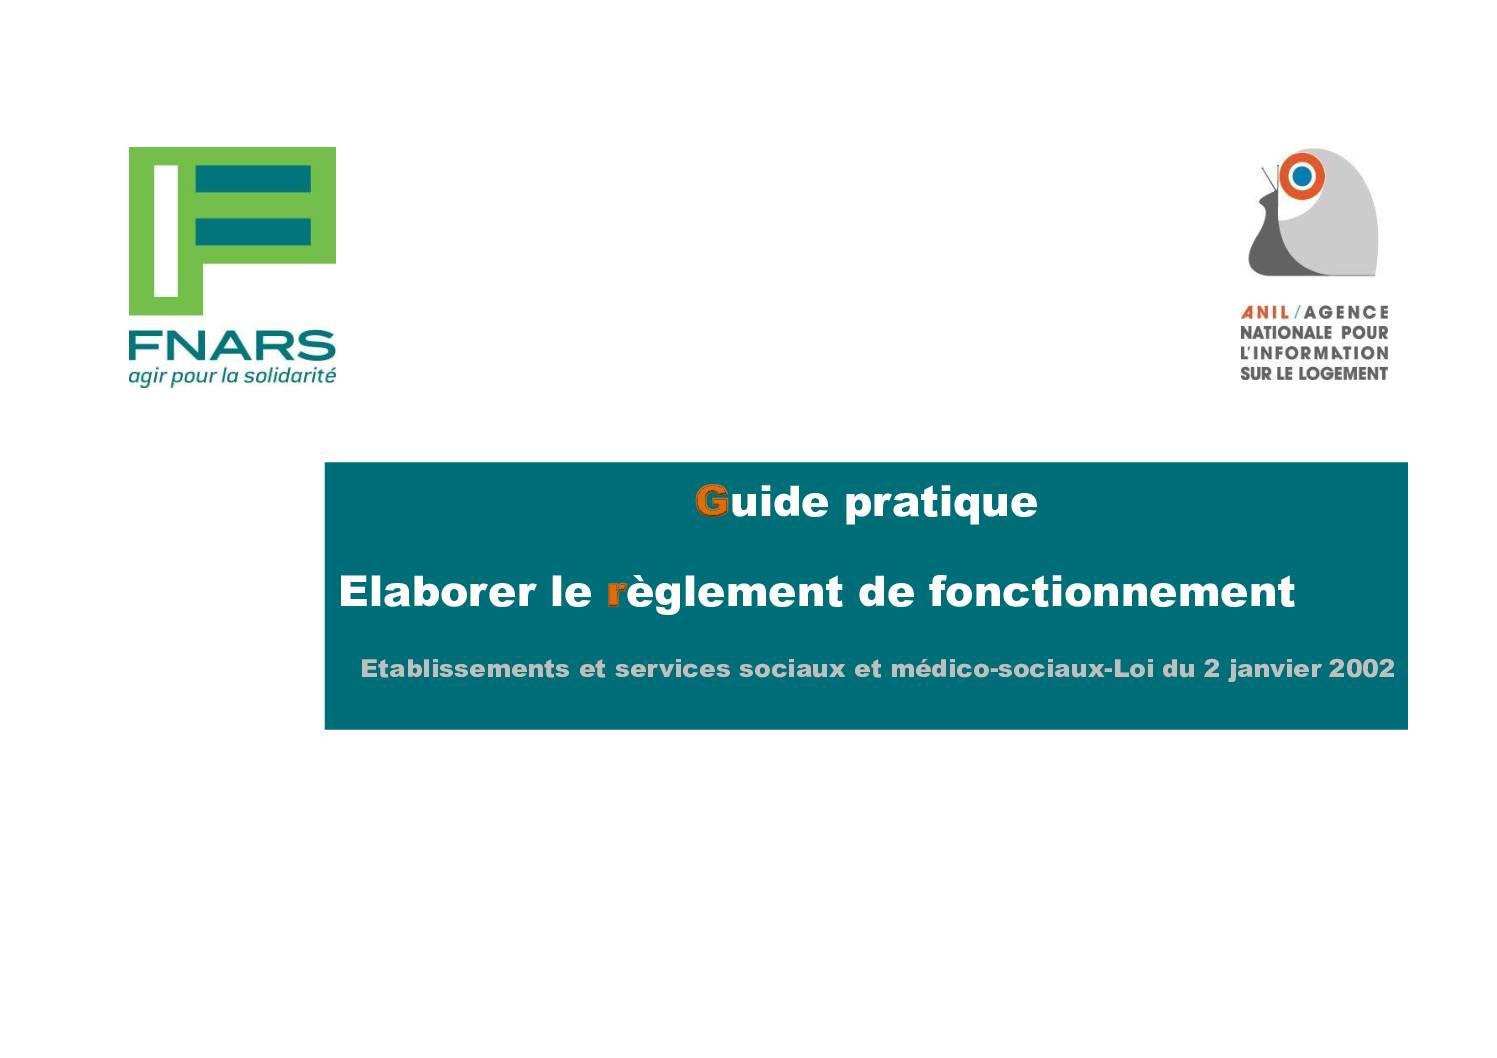 Guide - Rédaction des règlements de fonctionnement des établissements sociaux et médico-sociaux